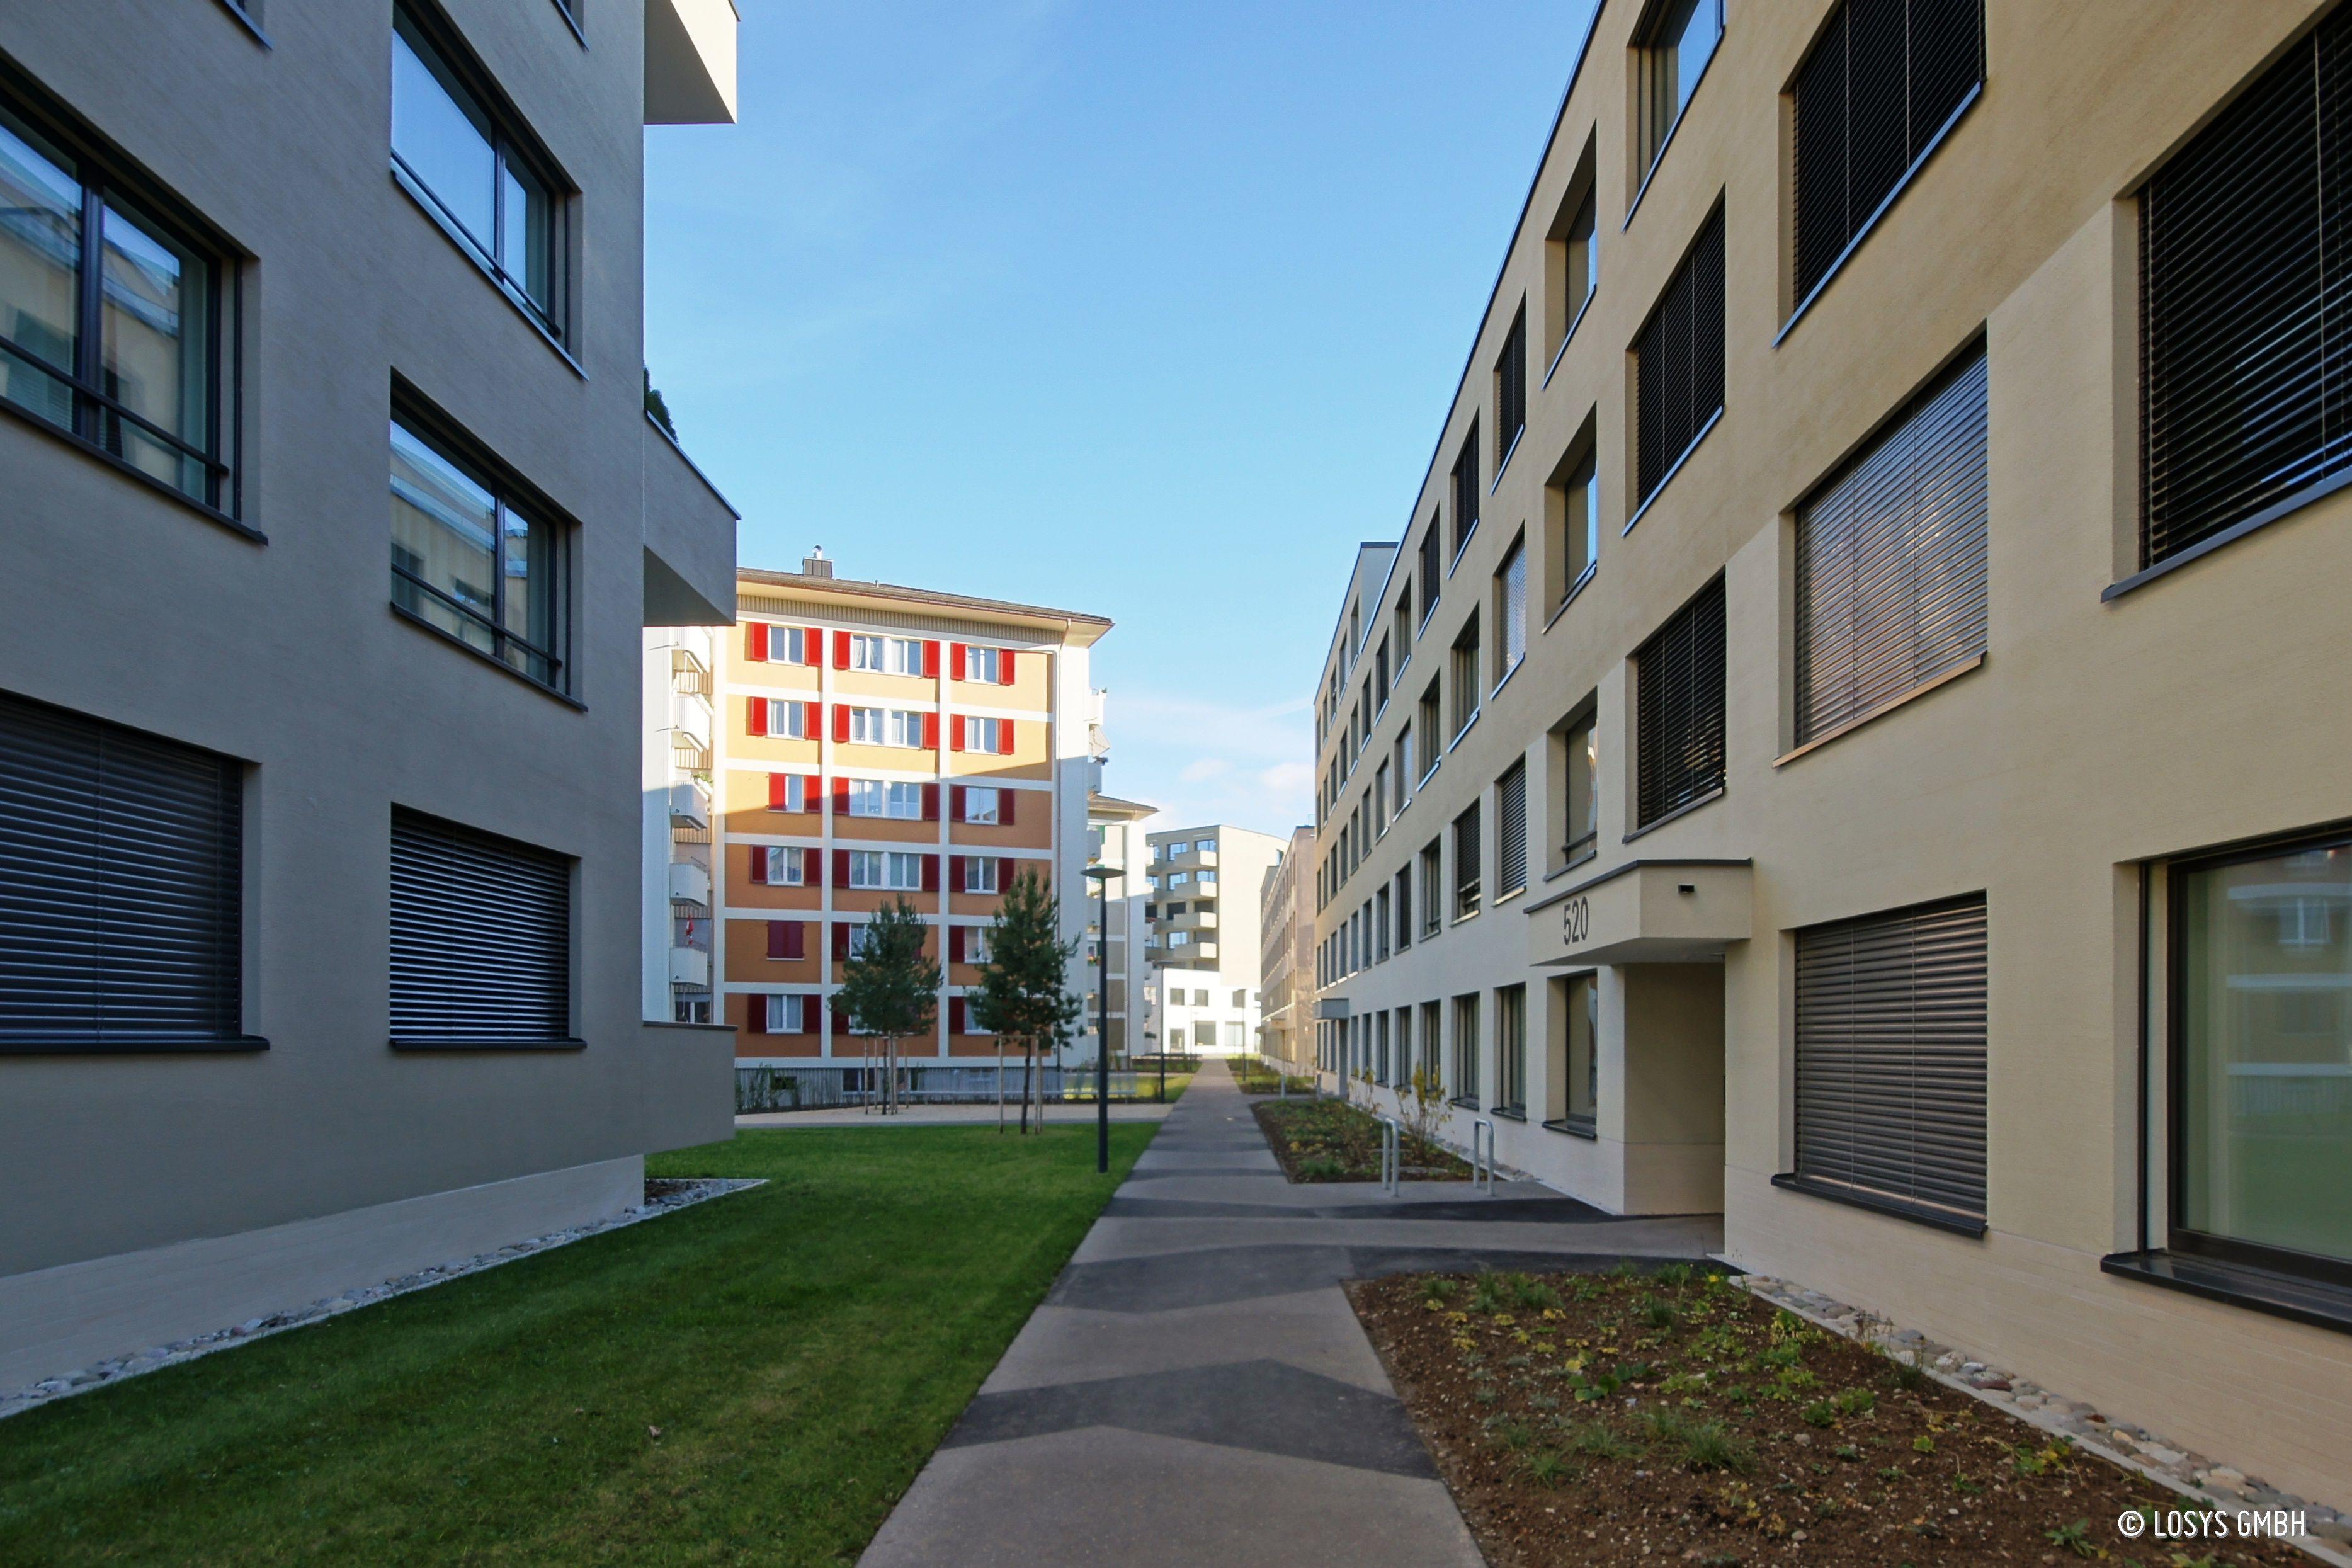 Wohn- und Gewerbeüberbauung Luegisland Süd